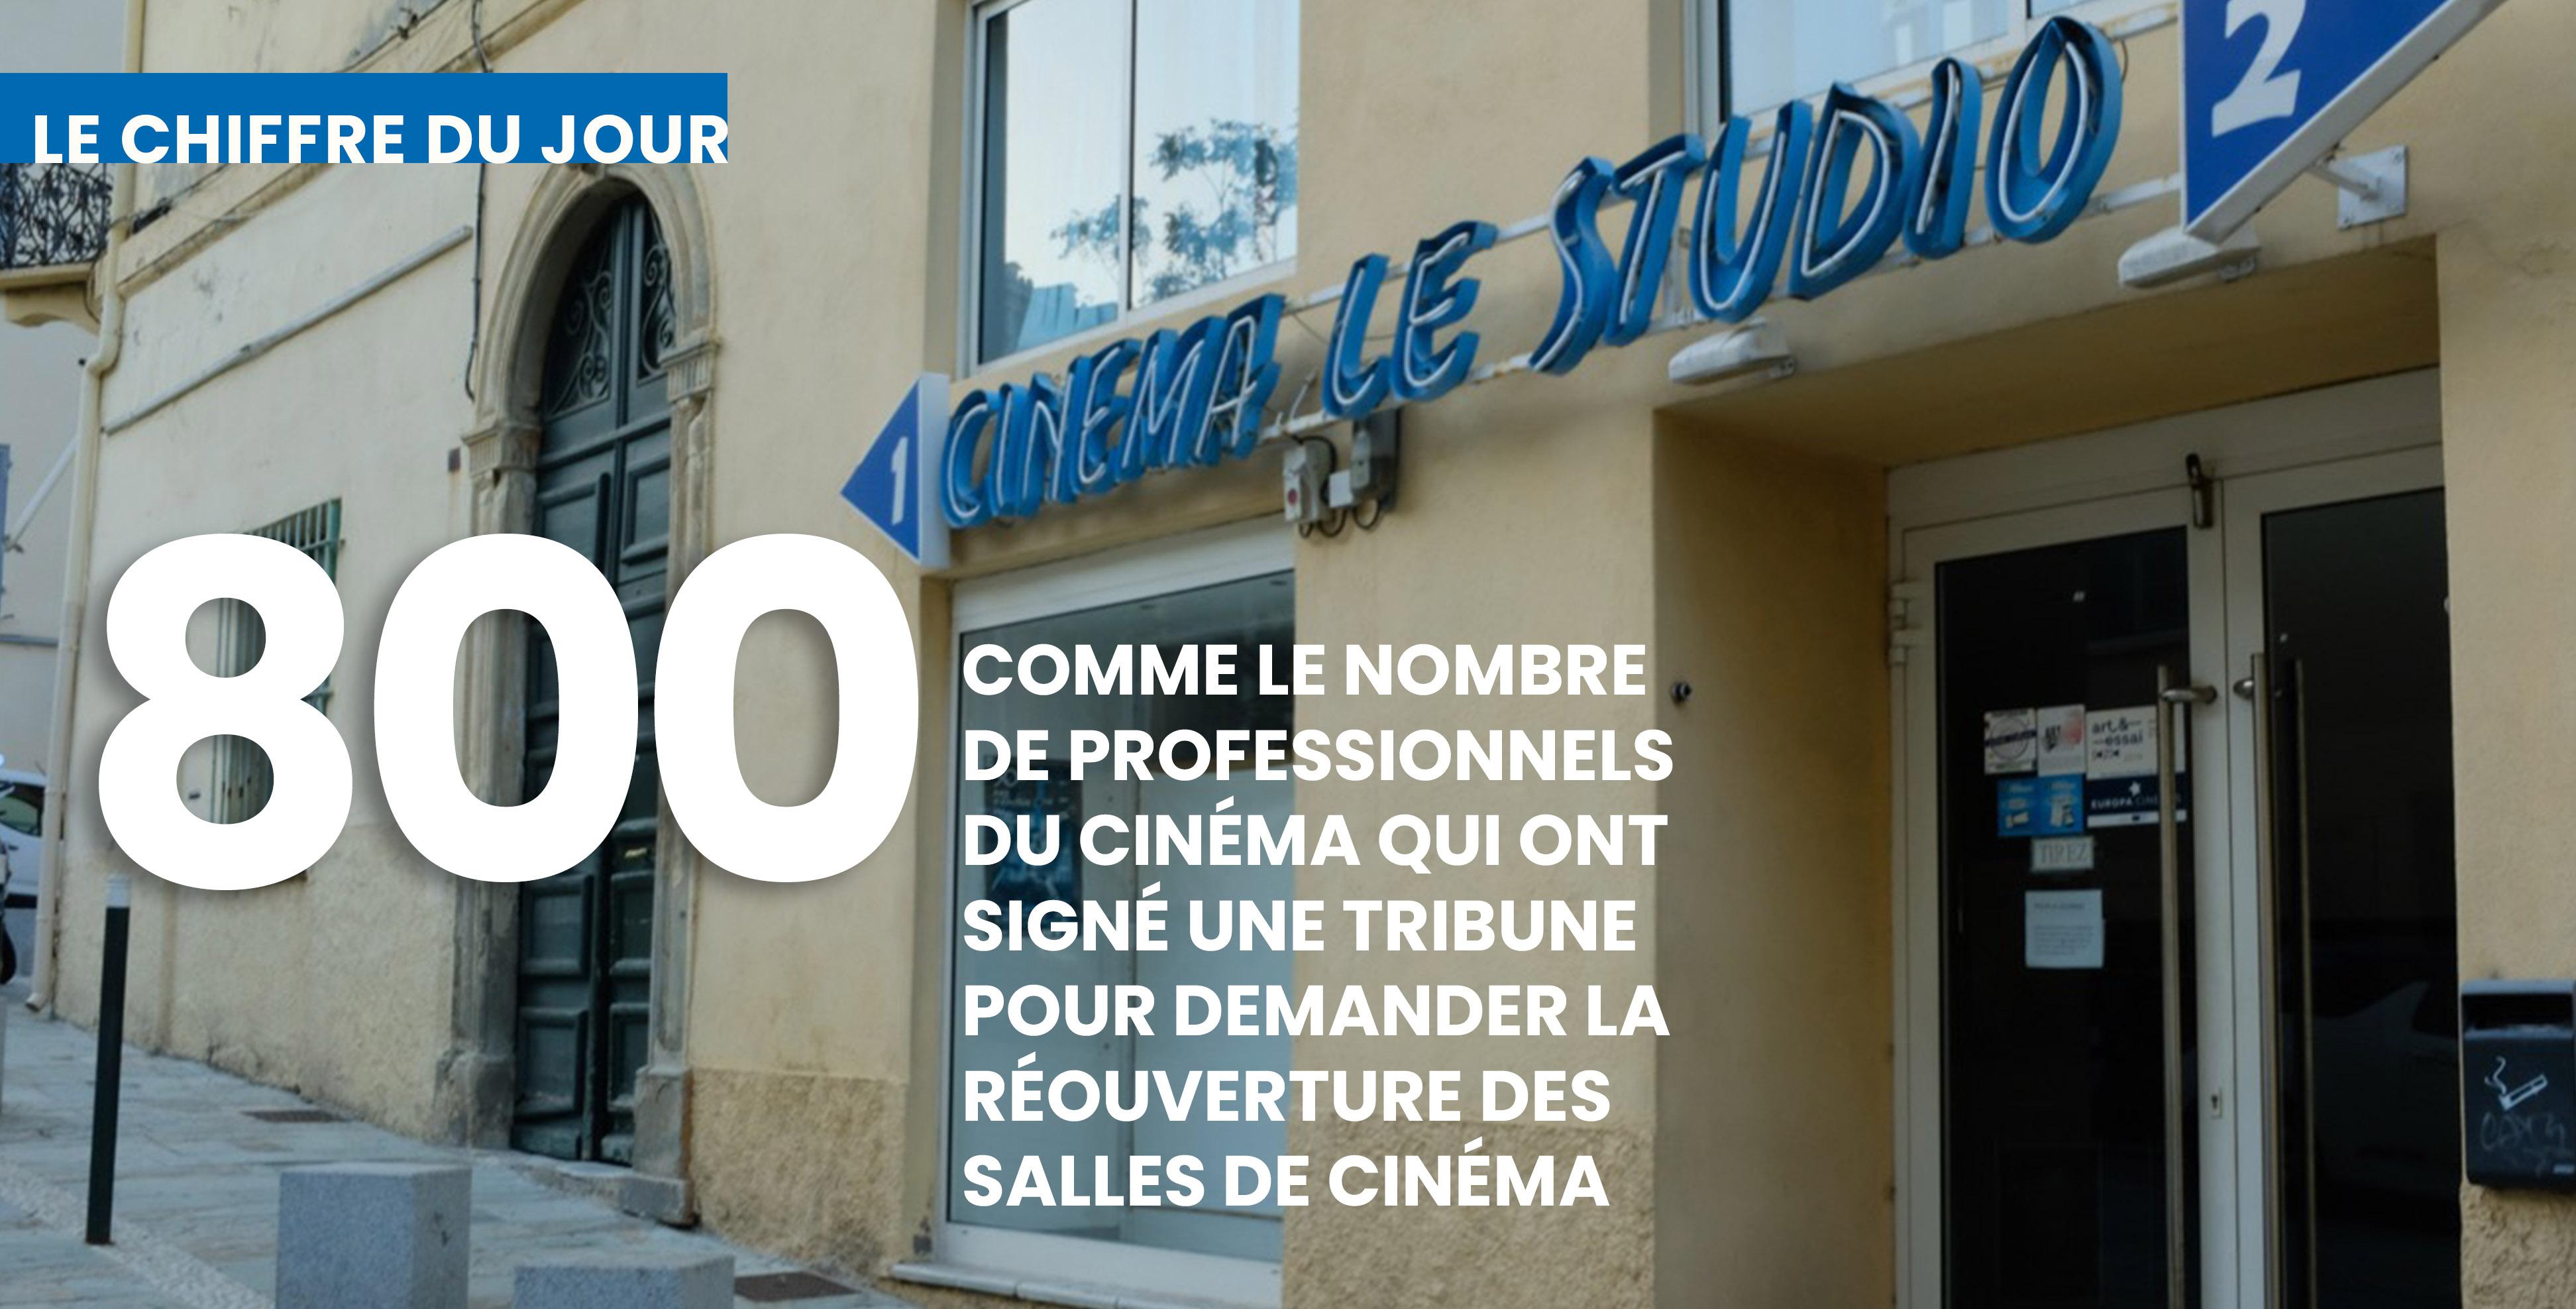 Les signataires dénoncent la fermeture des salles. Ici, les 2 salles du Studio à Bastia, fermées depuis des mois